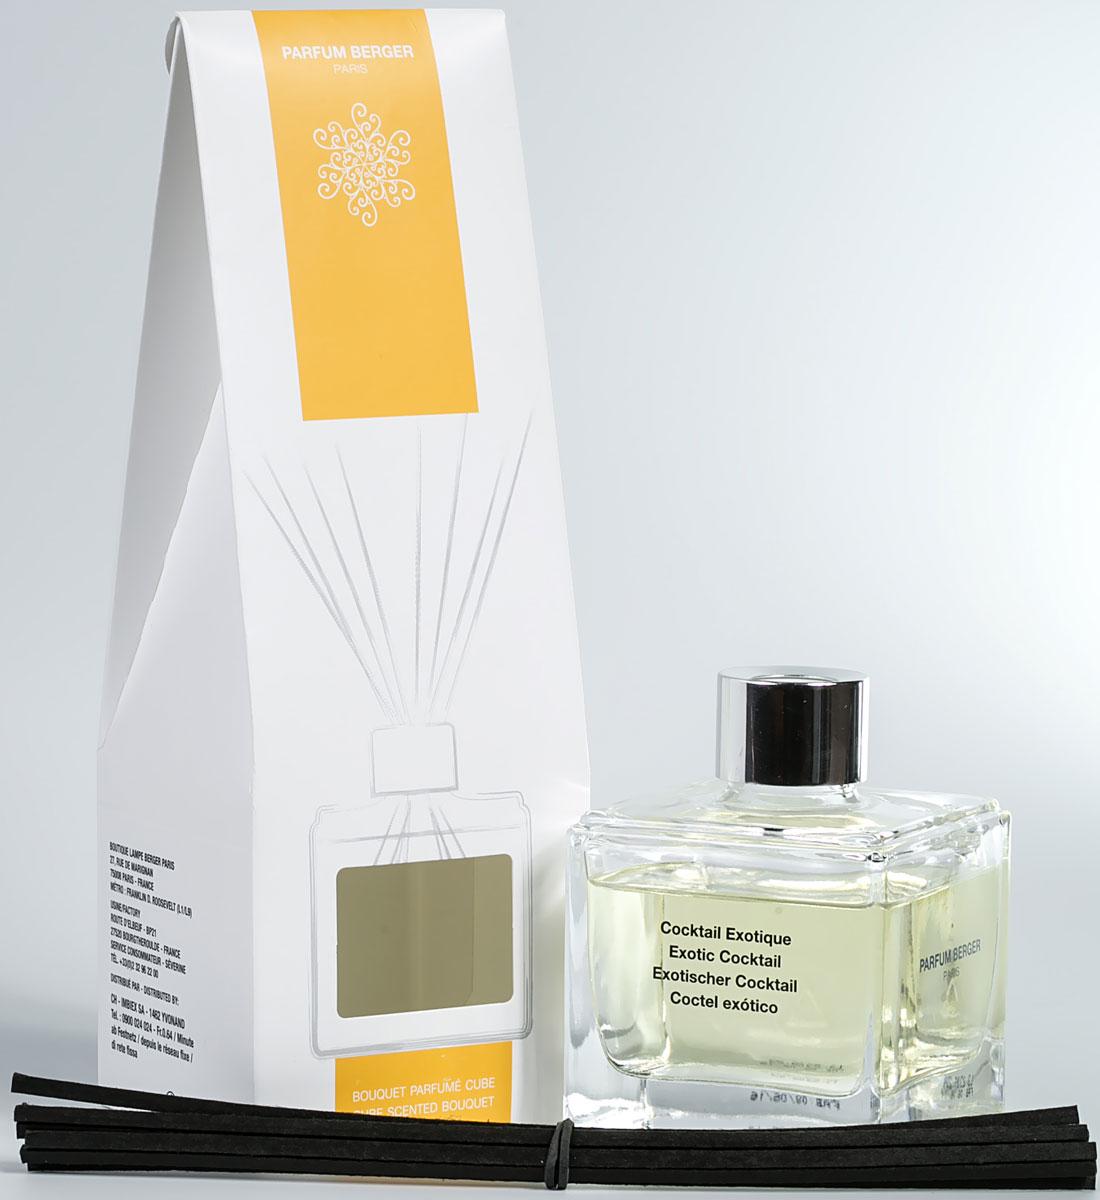 """Особенность диффузера """"Parfum Berger"""" заключается в применении  инновационных полимерных палочек, что эффективнее любых тростниковых в  5 раз. Остаточный эффект от аромажидкости остается в полимерных  палочках еще на протяжении более 2-х недель и продолжает вас радовать, пока  вы не дольете во флакон свой любимый аромат.   Комплект состоит из подарочной коробочки, строгого флакона 125 мл,  изысканной аромажидкости и комплекта полимерных палочек.  Элегантный куб из прозрачного стекла, украшенный серебристым кольцом, с  эффектно смотрящимся букетом из черных палочек, который  придает композиции современный вид. Сделанные из технического полимера,  8 палочек гарантируют идеальное распространение аромата. Не  теряют свой цвет при контакте с содержимым флакона."""